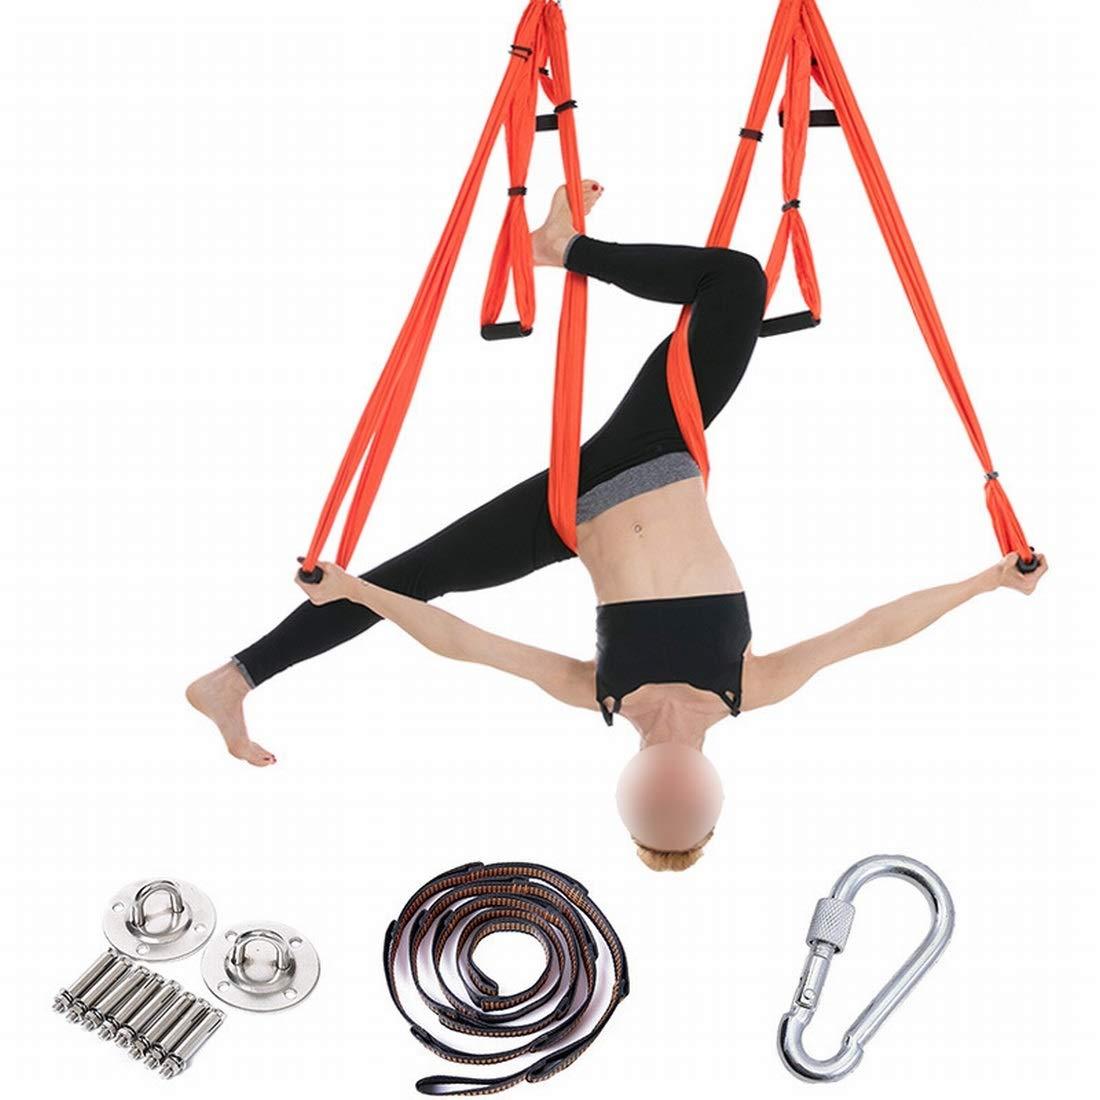 Orange SHIZHESHOP Accessoires de Yoga pour hamac aériens pour l'intérieur et l'extérieur, balançoire de Remise en Forme sans étirement, Ensemble Complet avec Plaque de Suspension en Acier Inoxydable